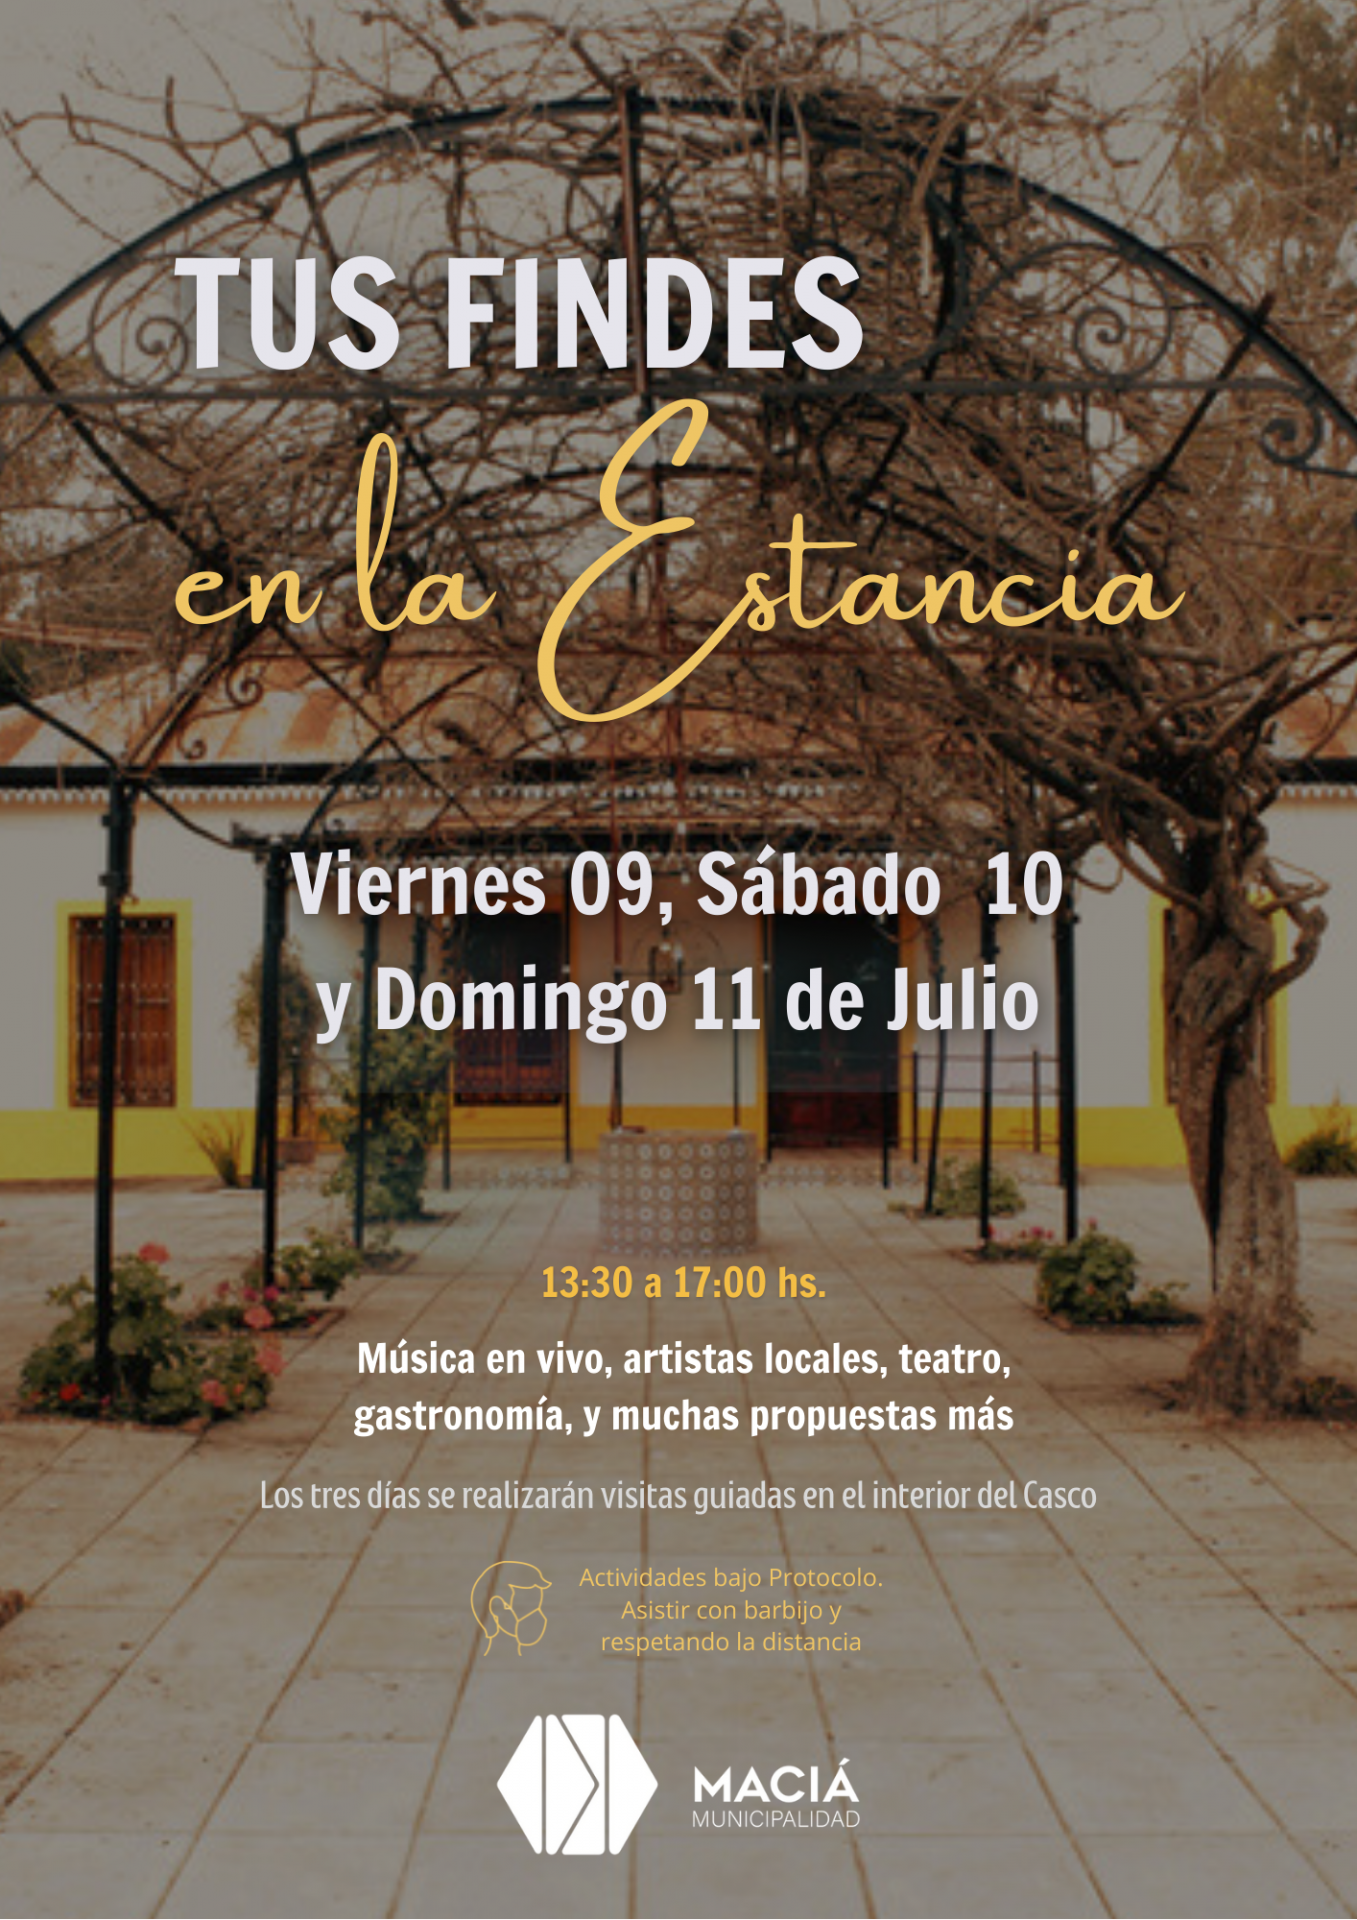 INVITAN A PASAR LOS FINDES DE JULIO EN LA ESTANCIA SAN EUSEBIO